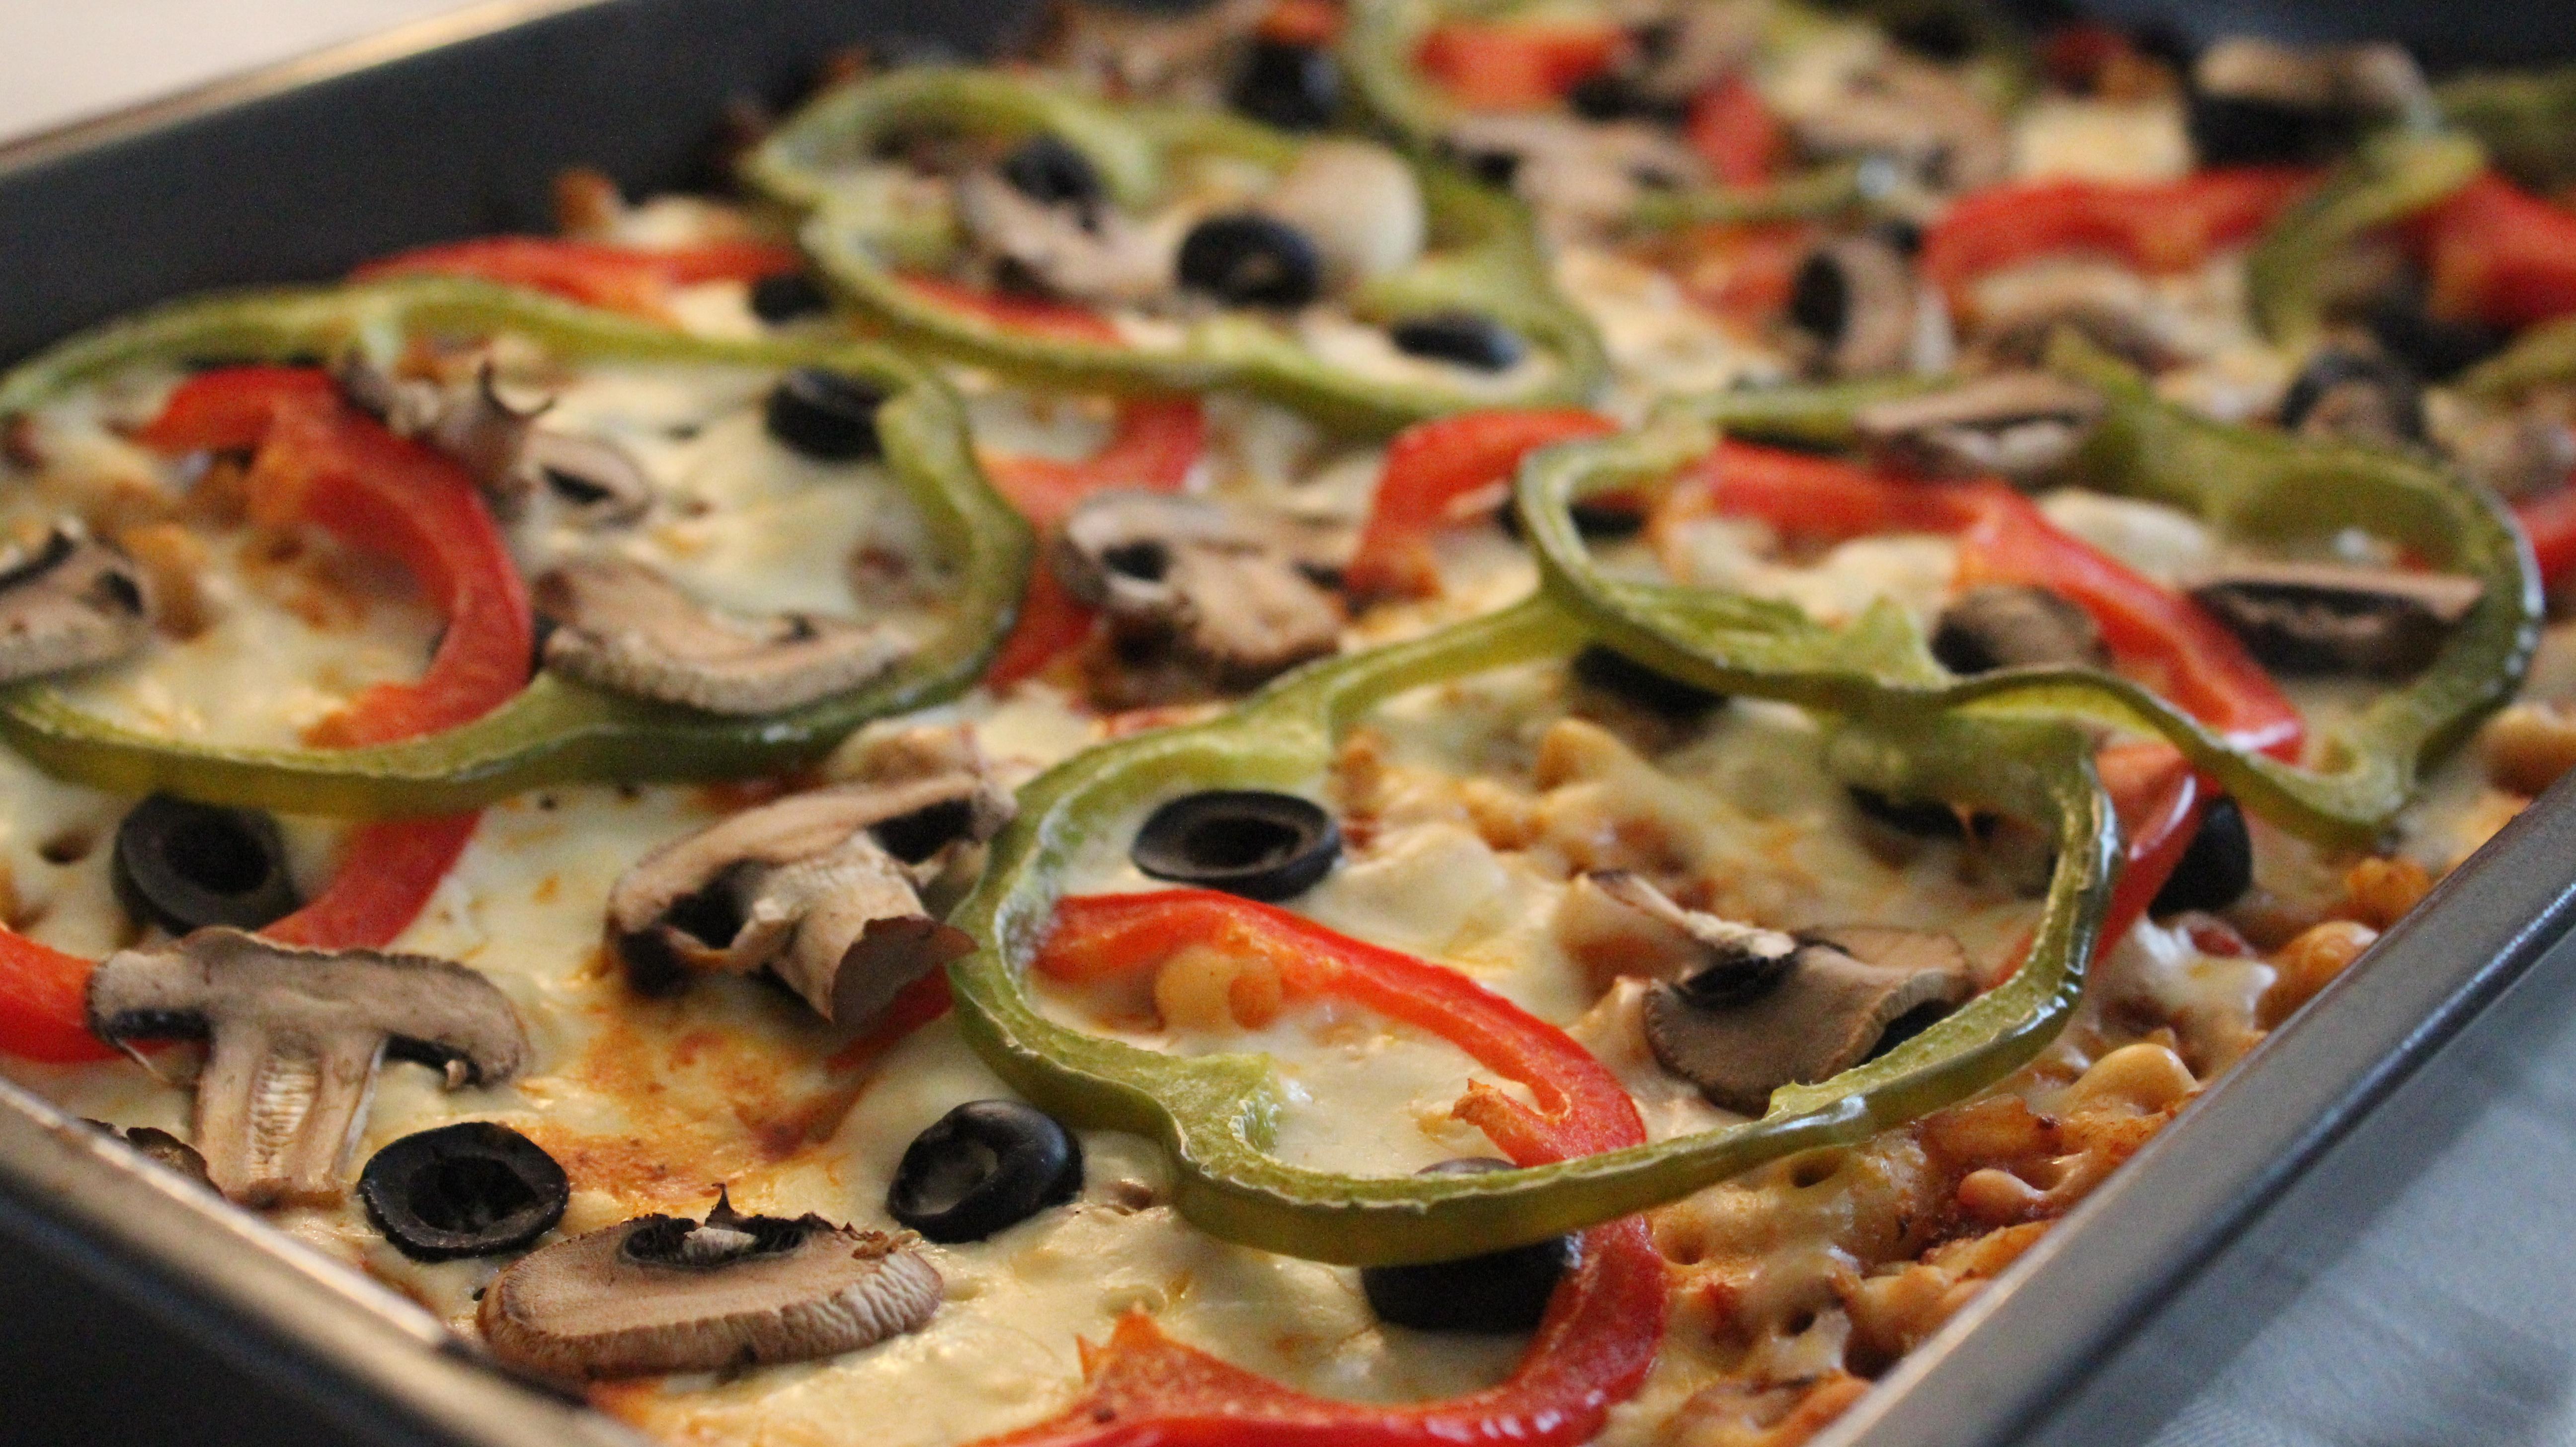 Pasta alla pizza roxanne cuisine - Cuisiner poisson congele ...